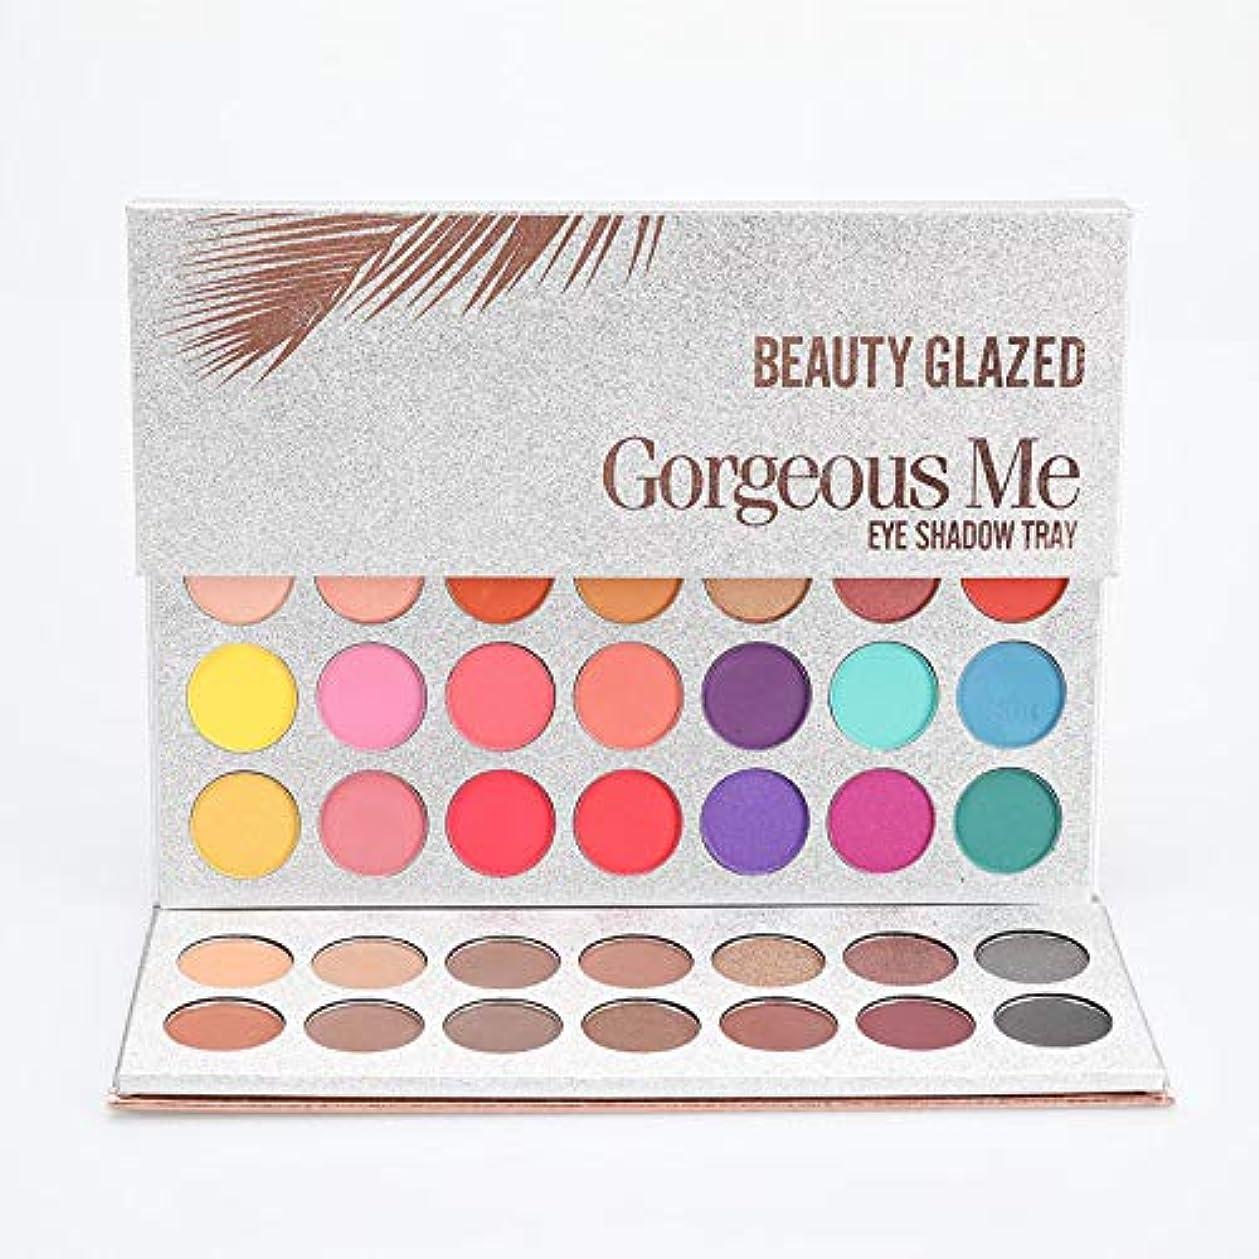 高く収束するの配列63 Color eyeshadow pallete Glitter Makeup Matte Eye shadow make up palette maquillage paleta de sombra 63色のアイシャドーパレエキラキラメイクアップマットアイシャドウメイクアップパレットマキアージュパレタデムブラブ